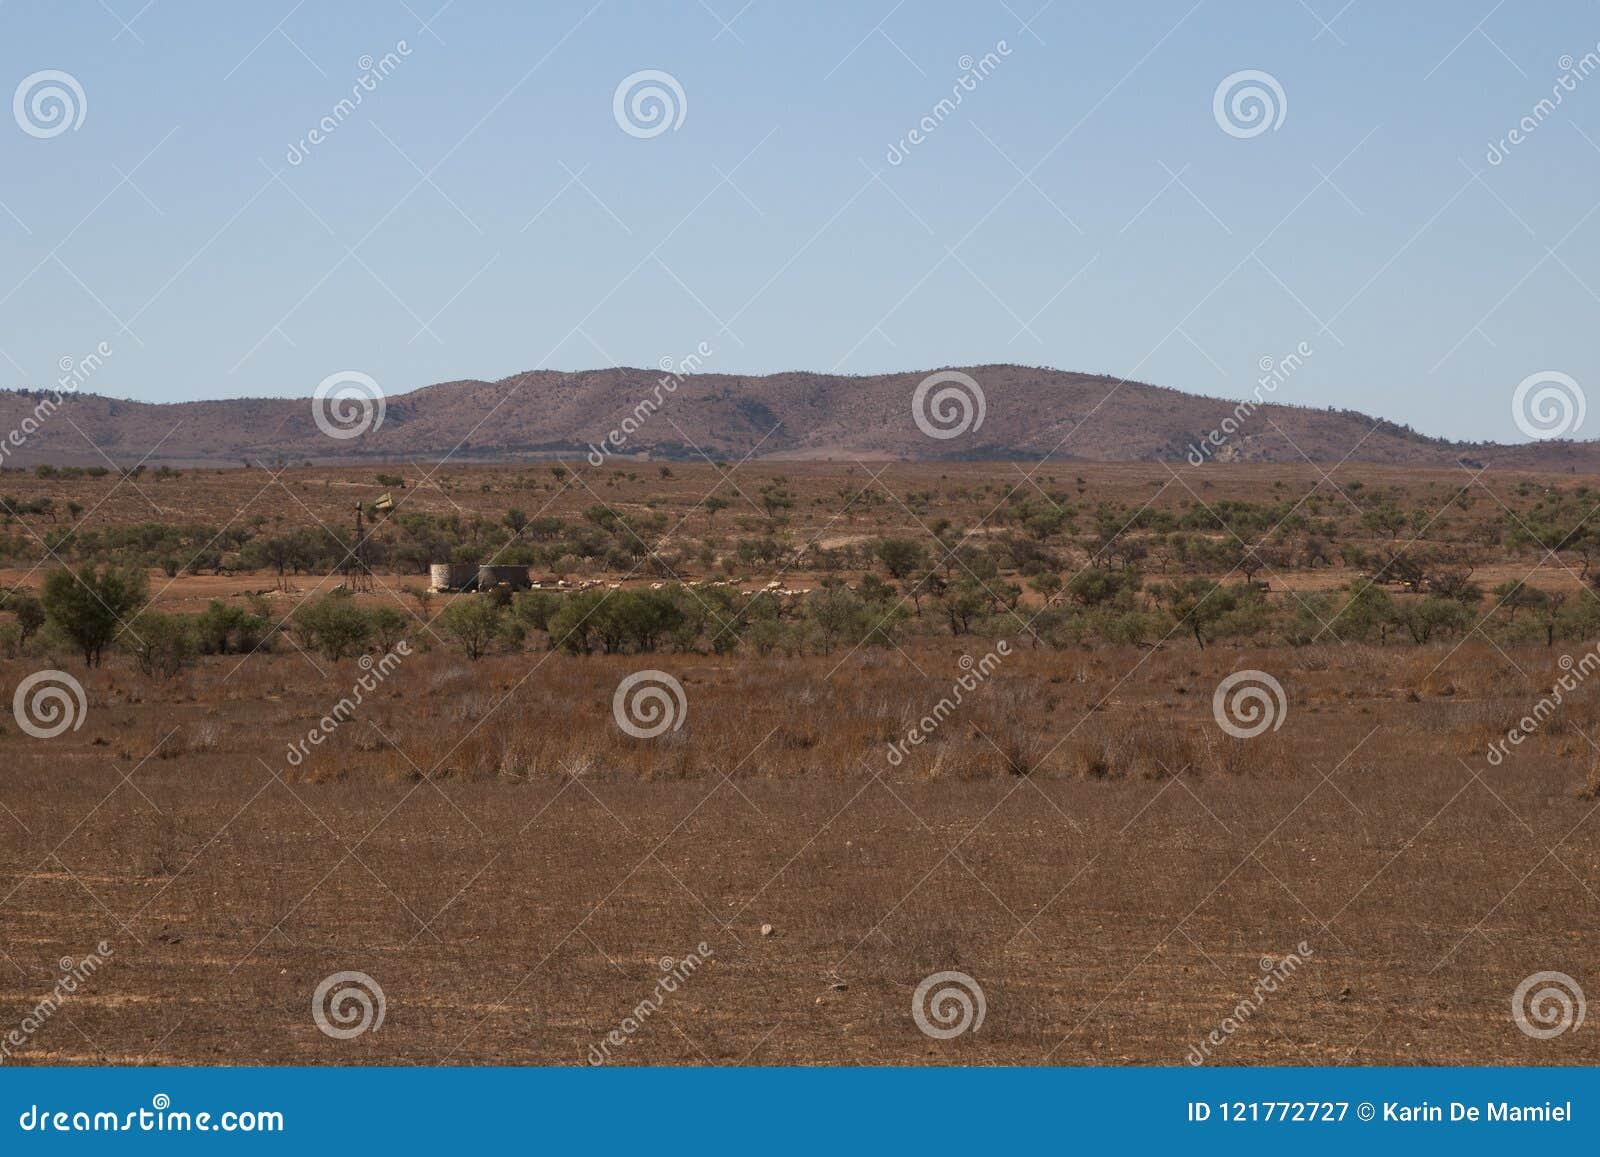 Panoramautsikt av paddocken med väderkvarnen, vattenbehållare och får